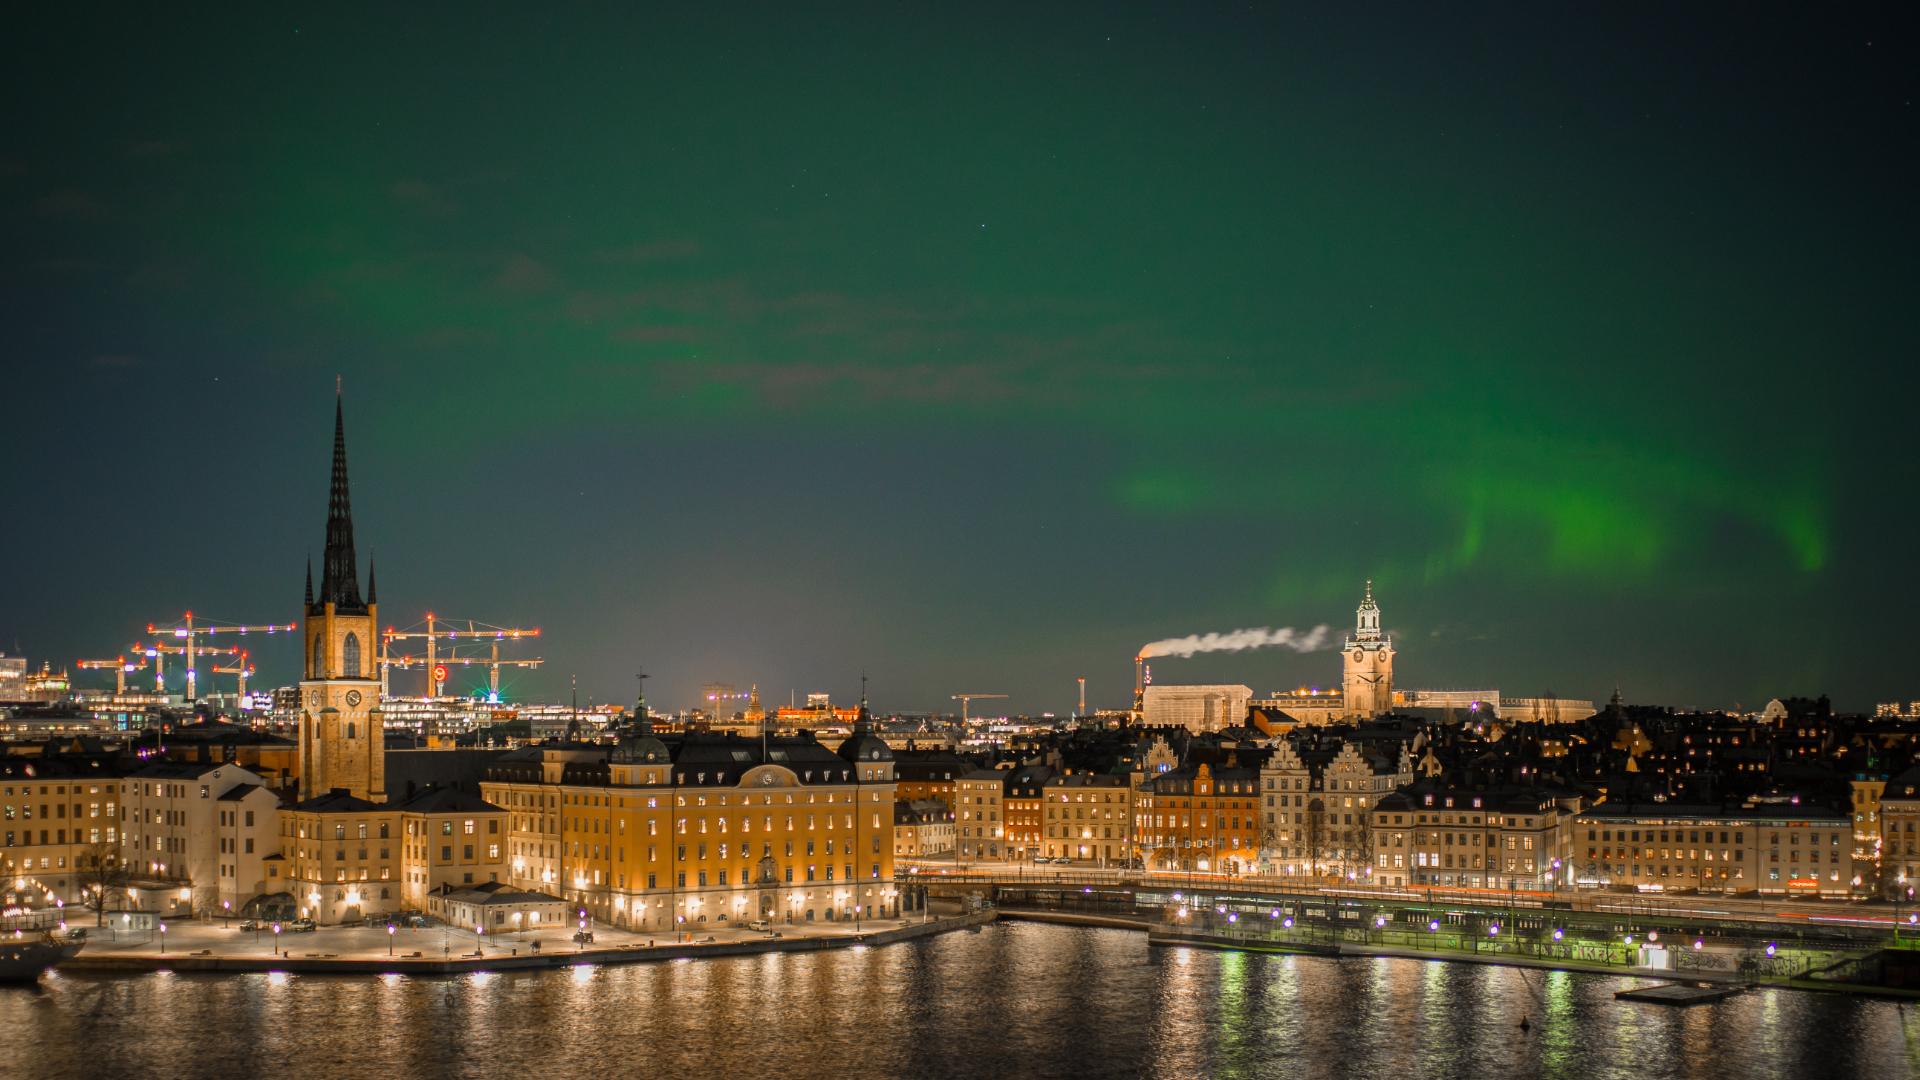 ¿Cómo desarrollar una aplicación iOS en Suecia? (Parte 1)